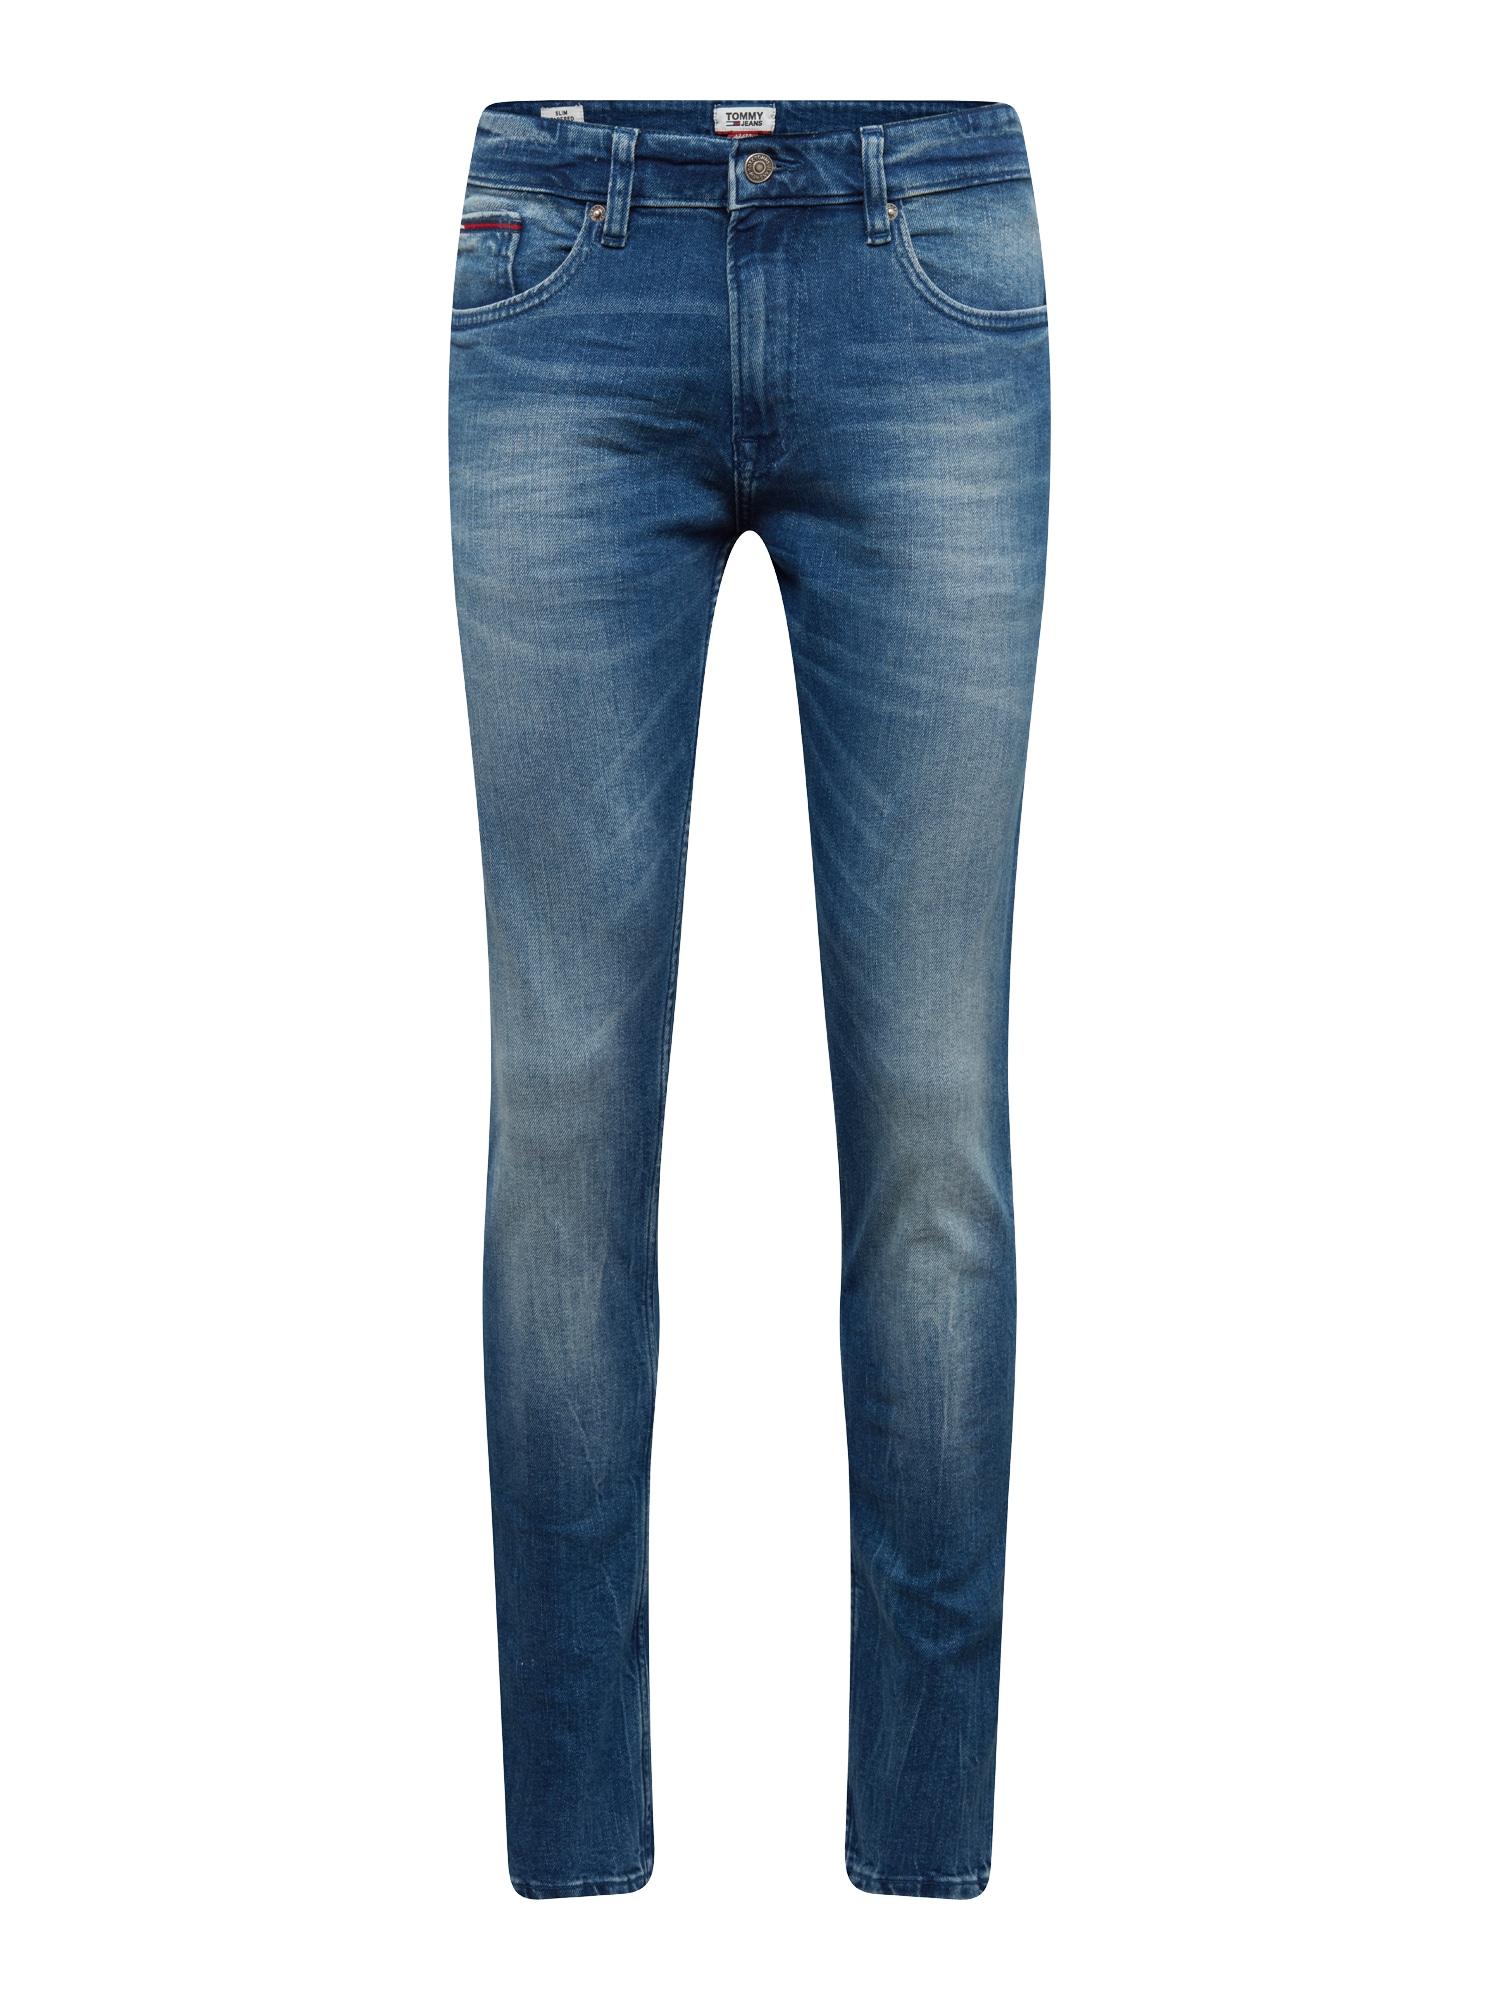 Džíny Slim Tapered Steve BEMB modrá džínovina Tommy Jeans